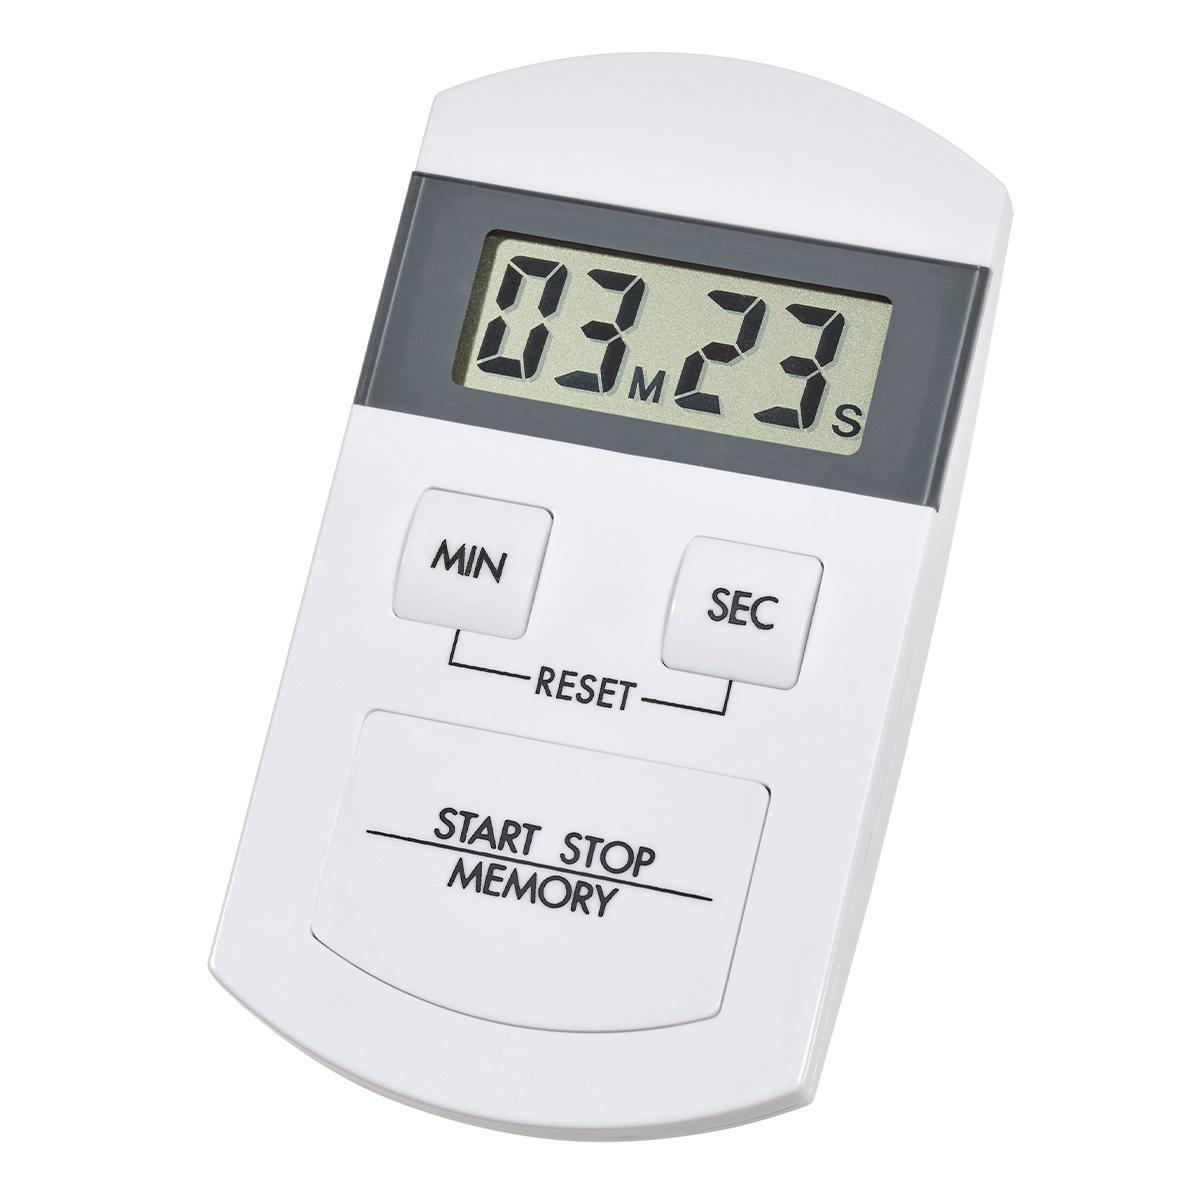 38-2005-02-digitaler-timer-stoppuhr-1200x1200px.jpg